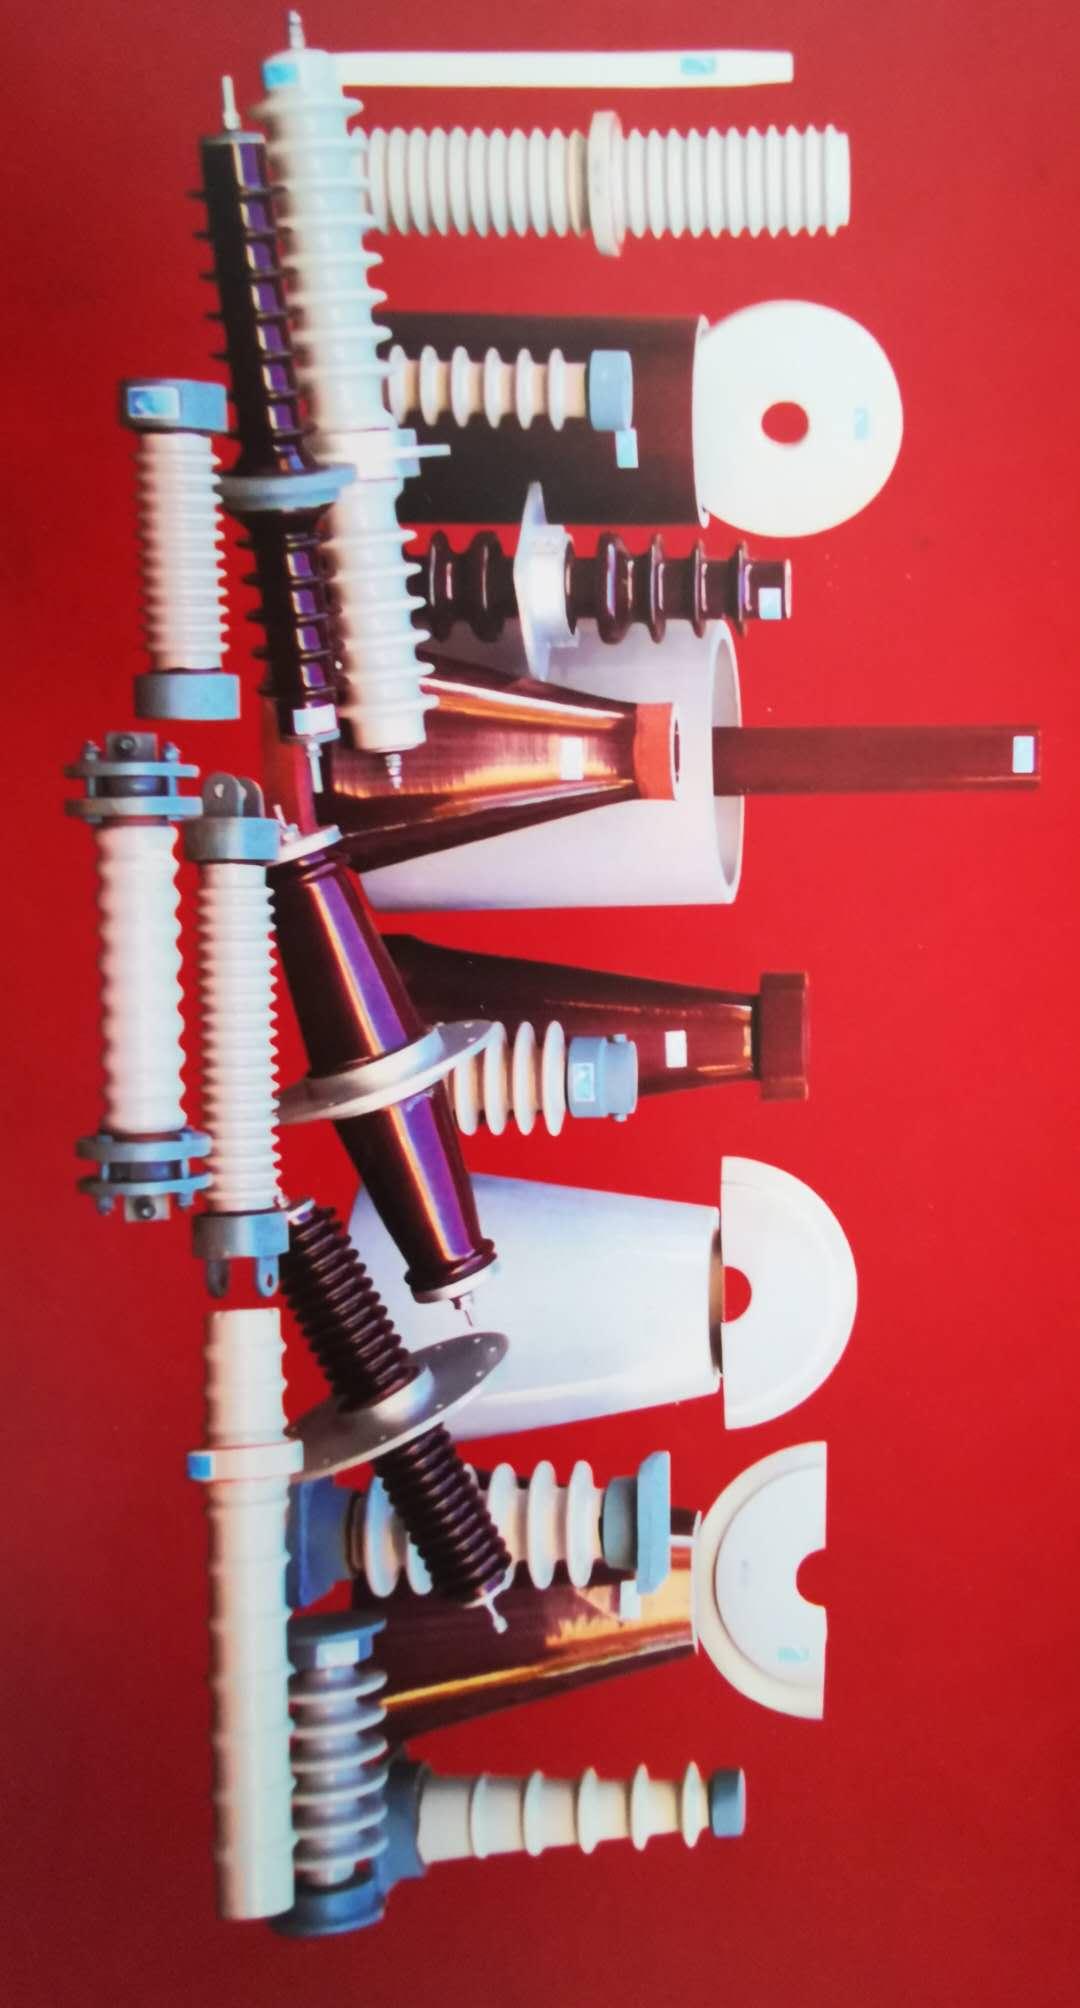 高压电力拉杆瓷套 ES0067301201,390mm*102mm,材质电磁白釉,电晕